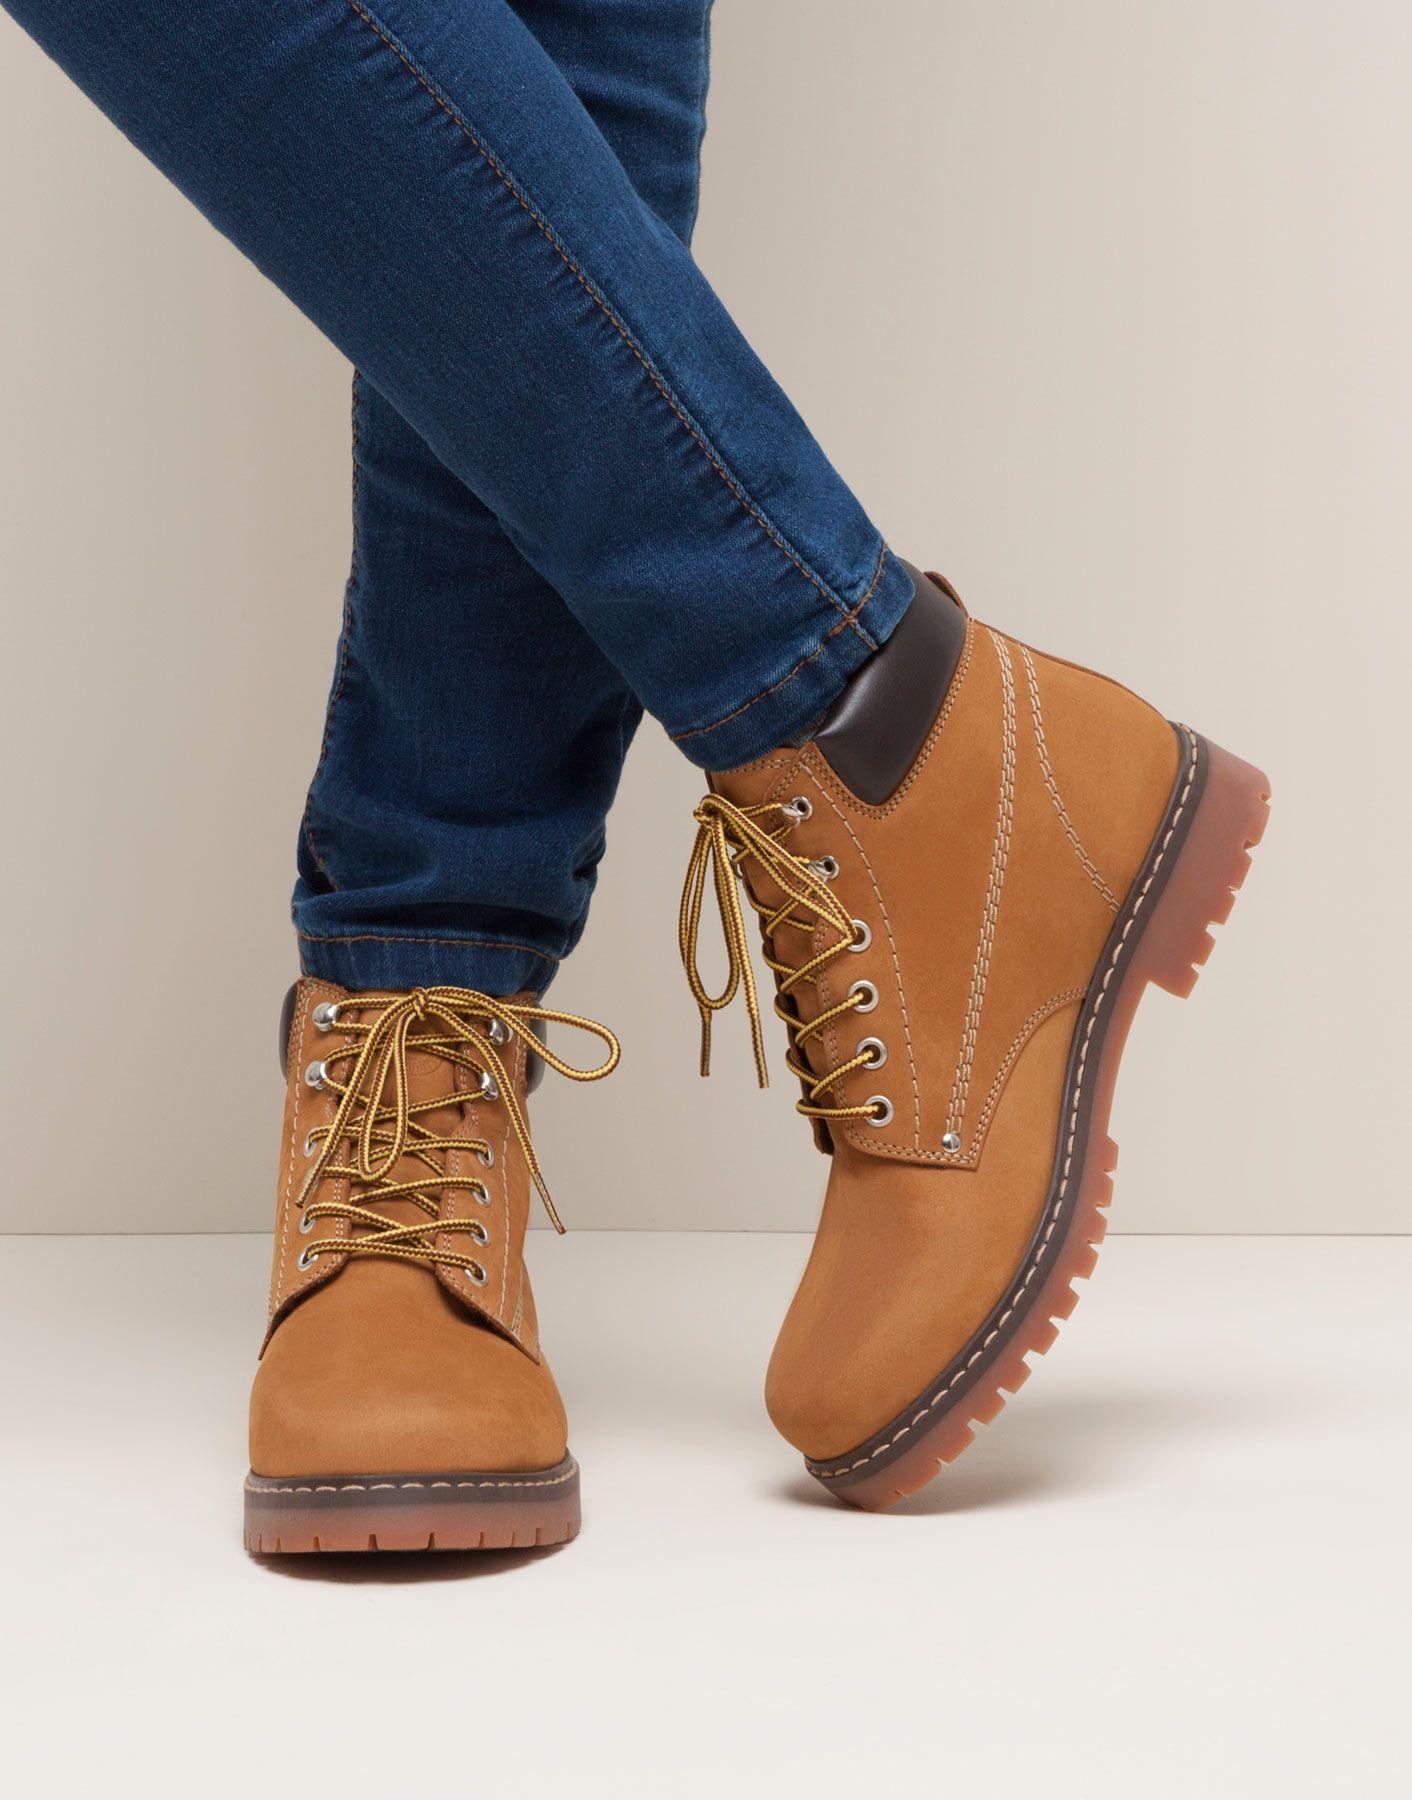 Zapatos negros Think! para mujer W3svP1z9S